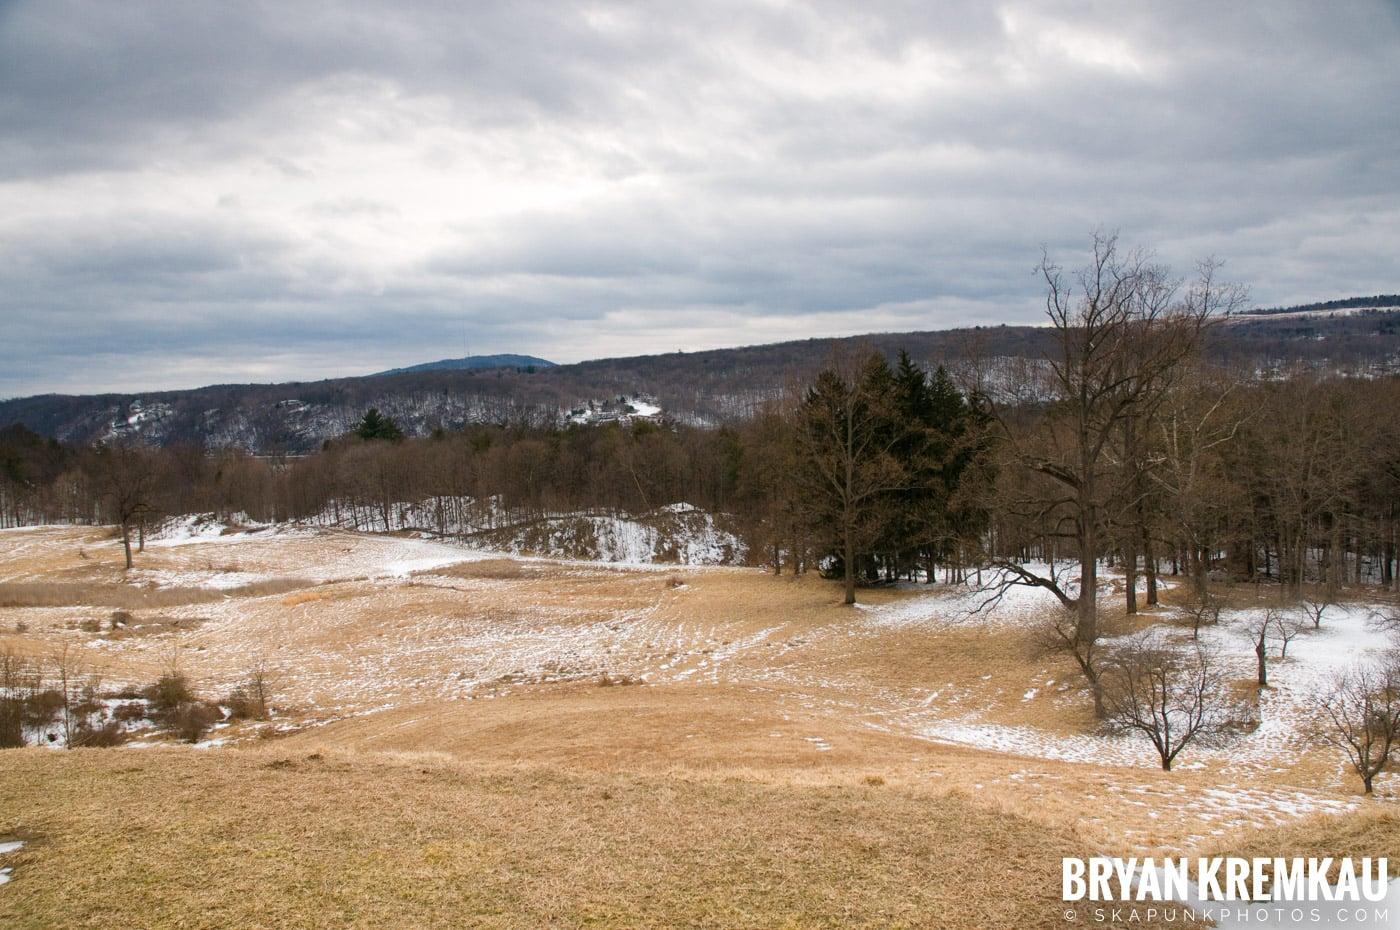 Valentine's Day Trip @ Rhinebeck, FDR's Home, Vanderbilt, Wilderstein Historic Site, NY - 2.14.10 (8)